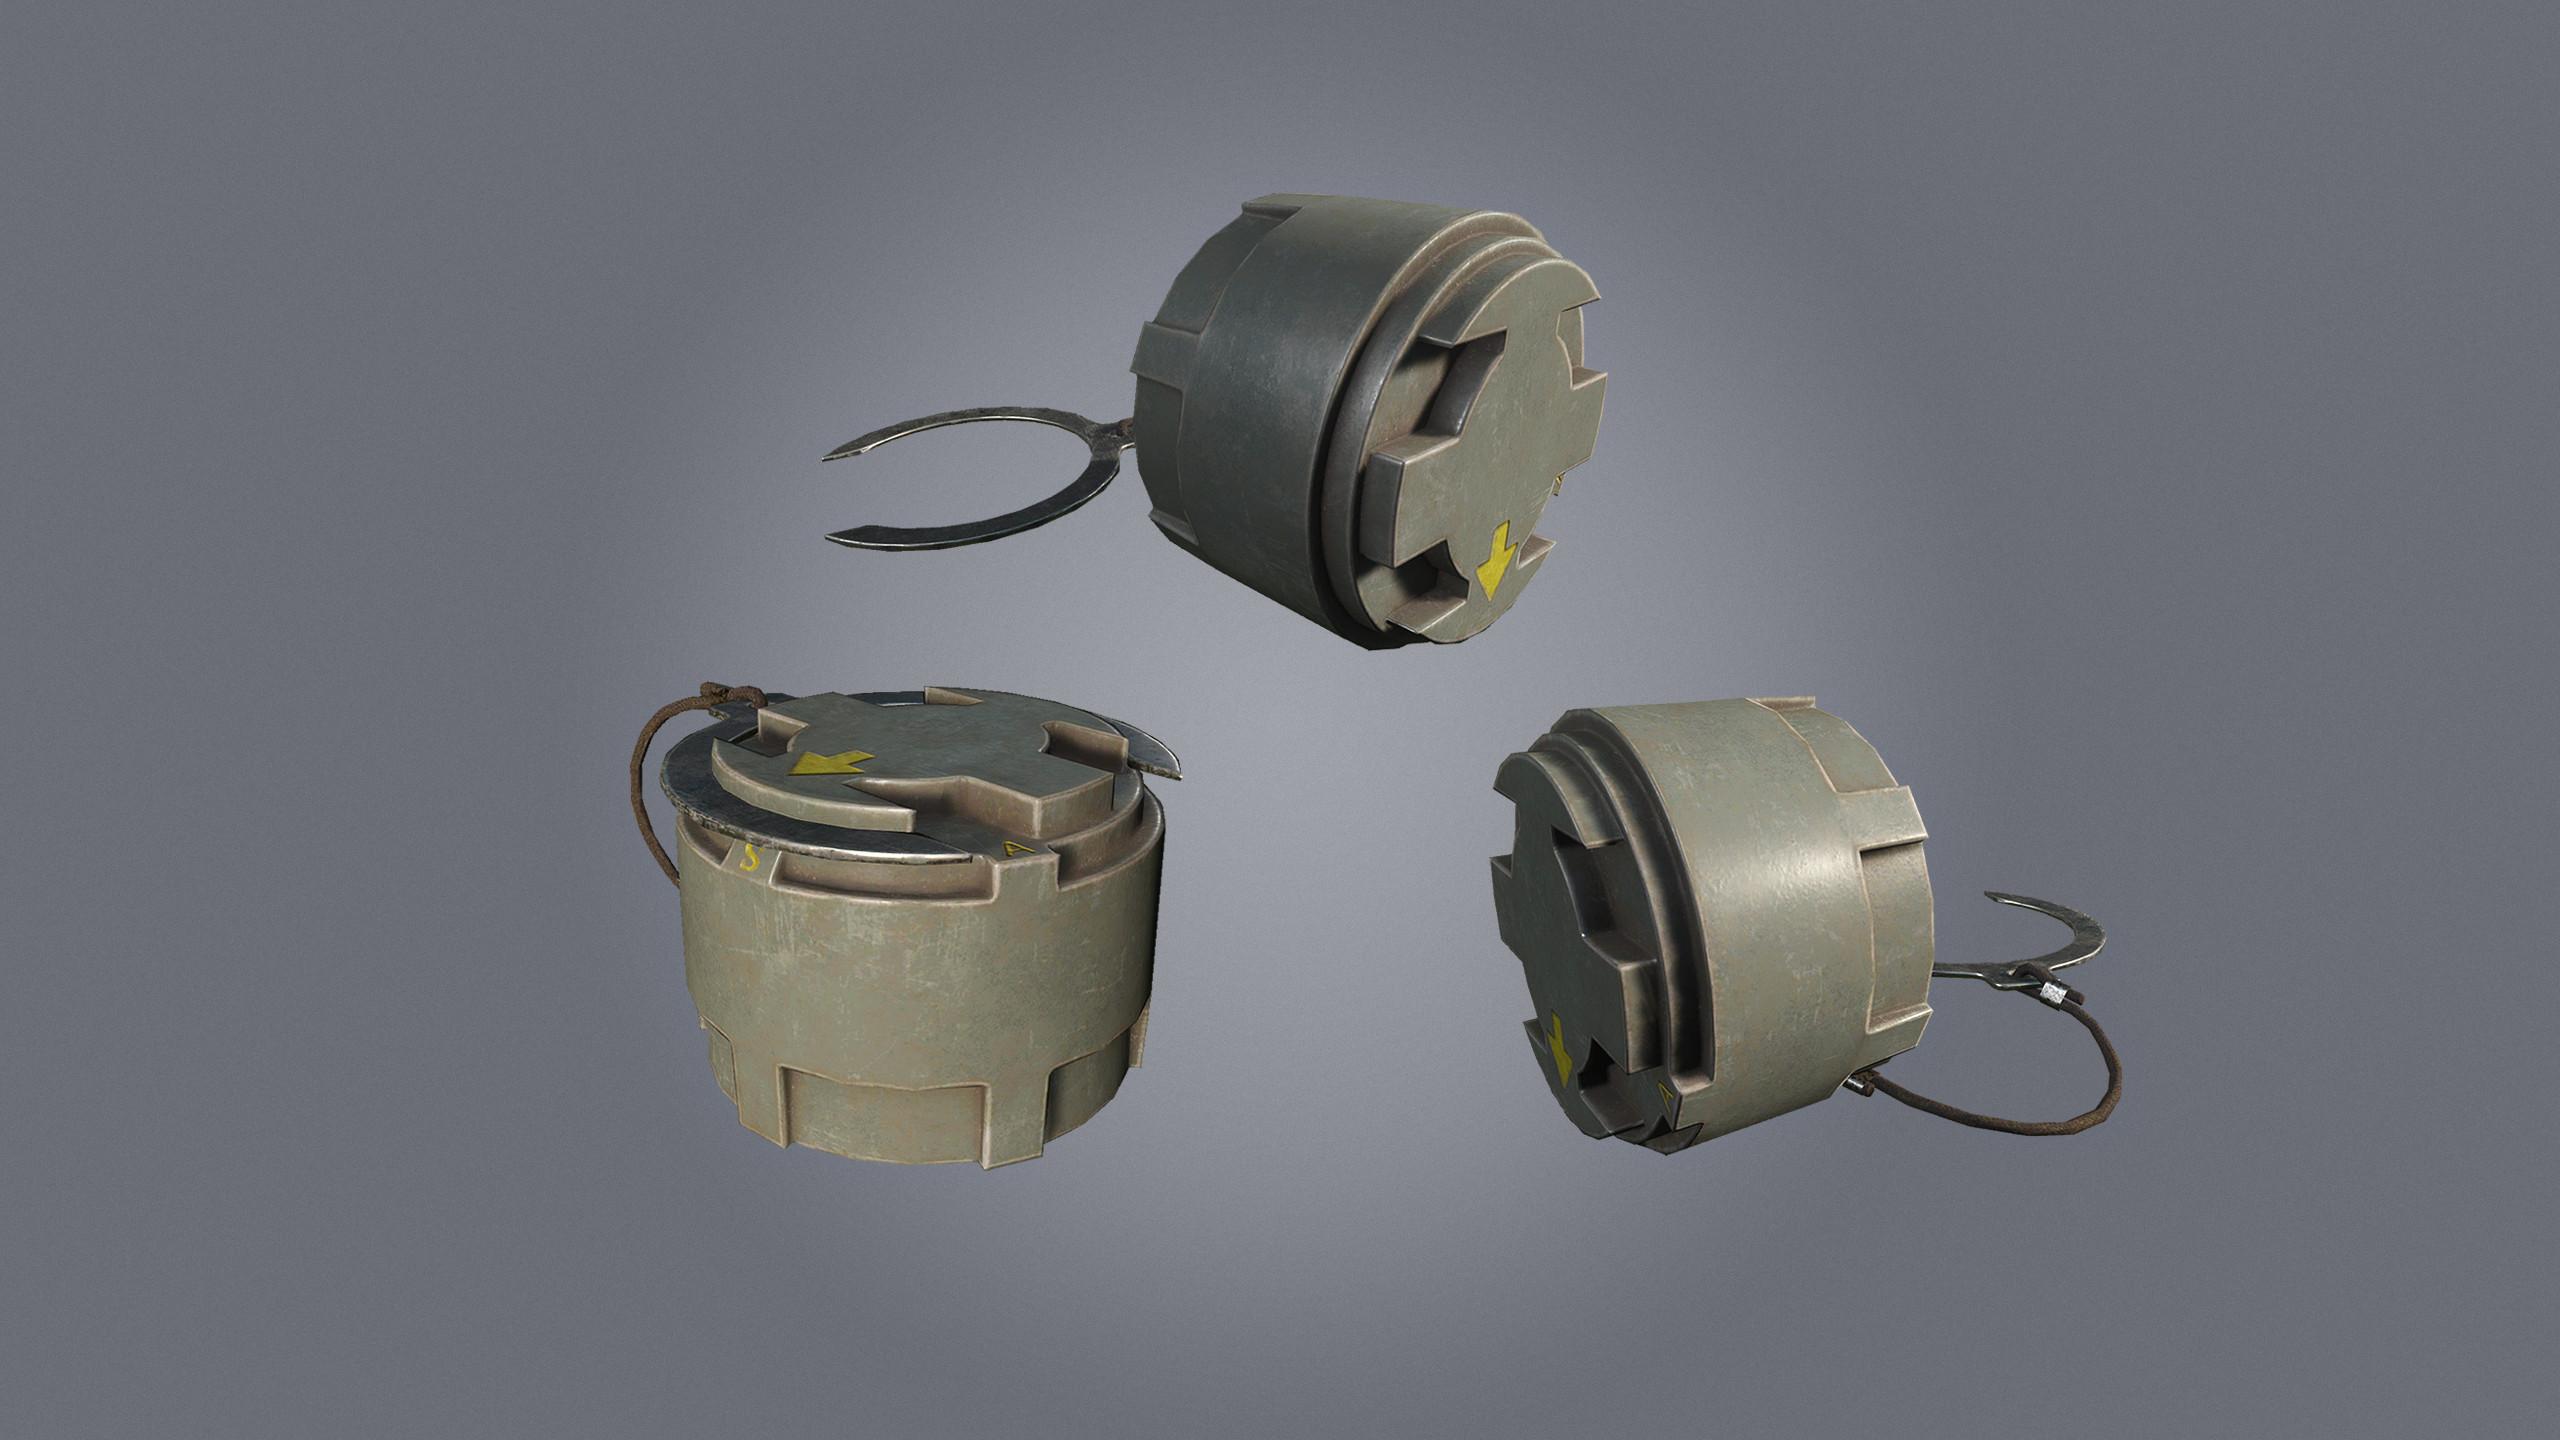 M14 landmine to send your enemies flying